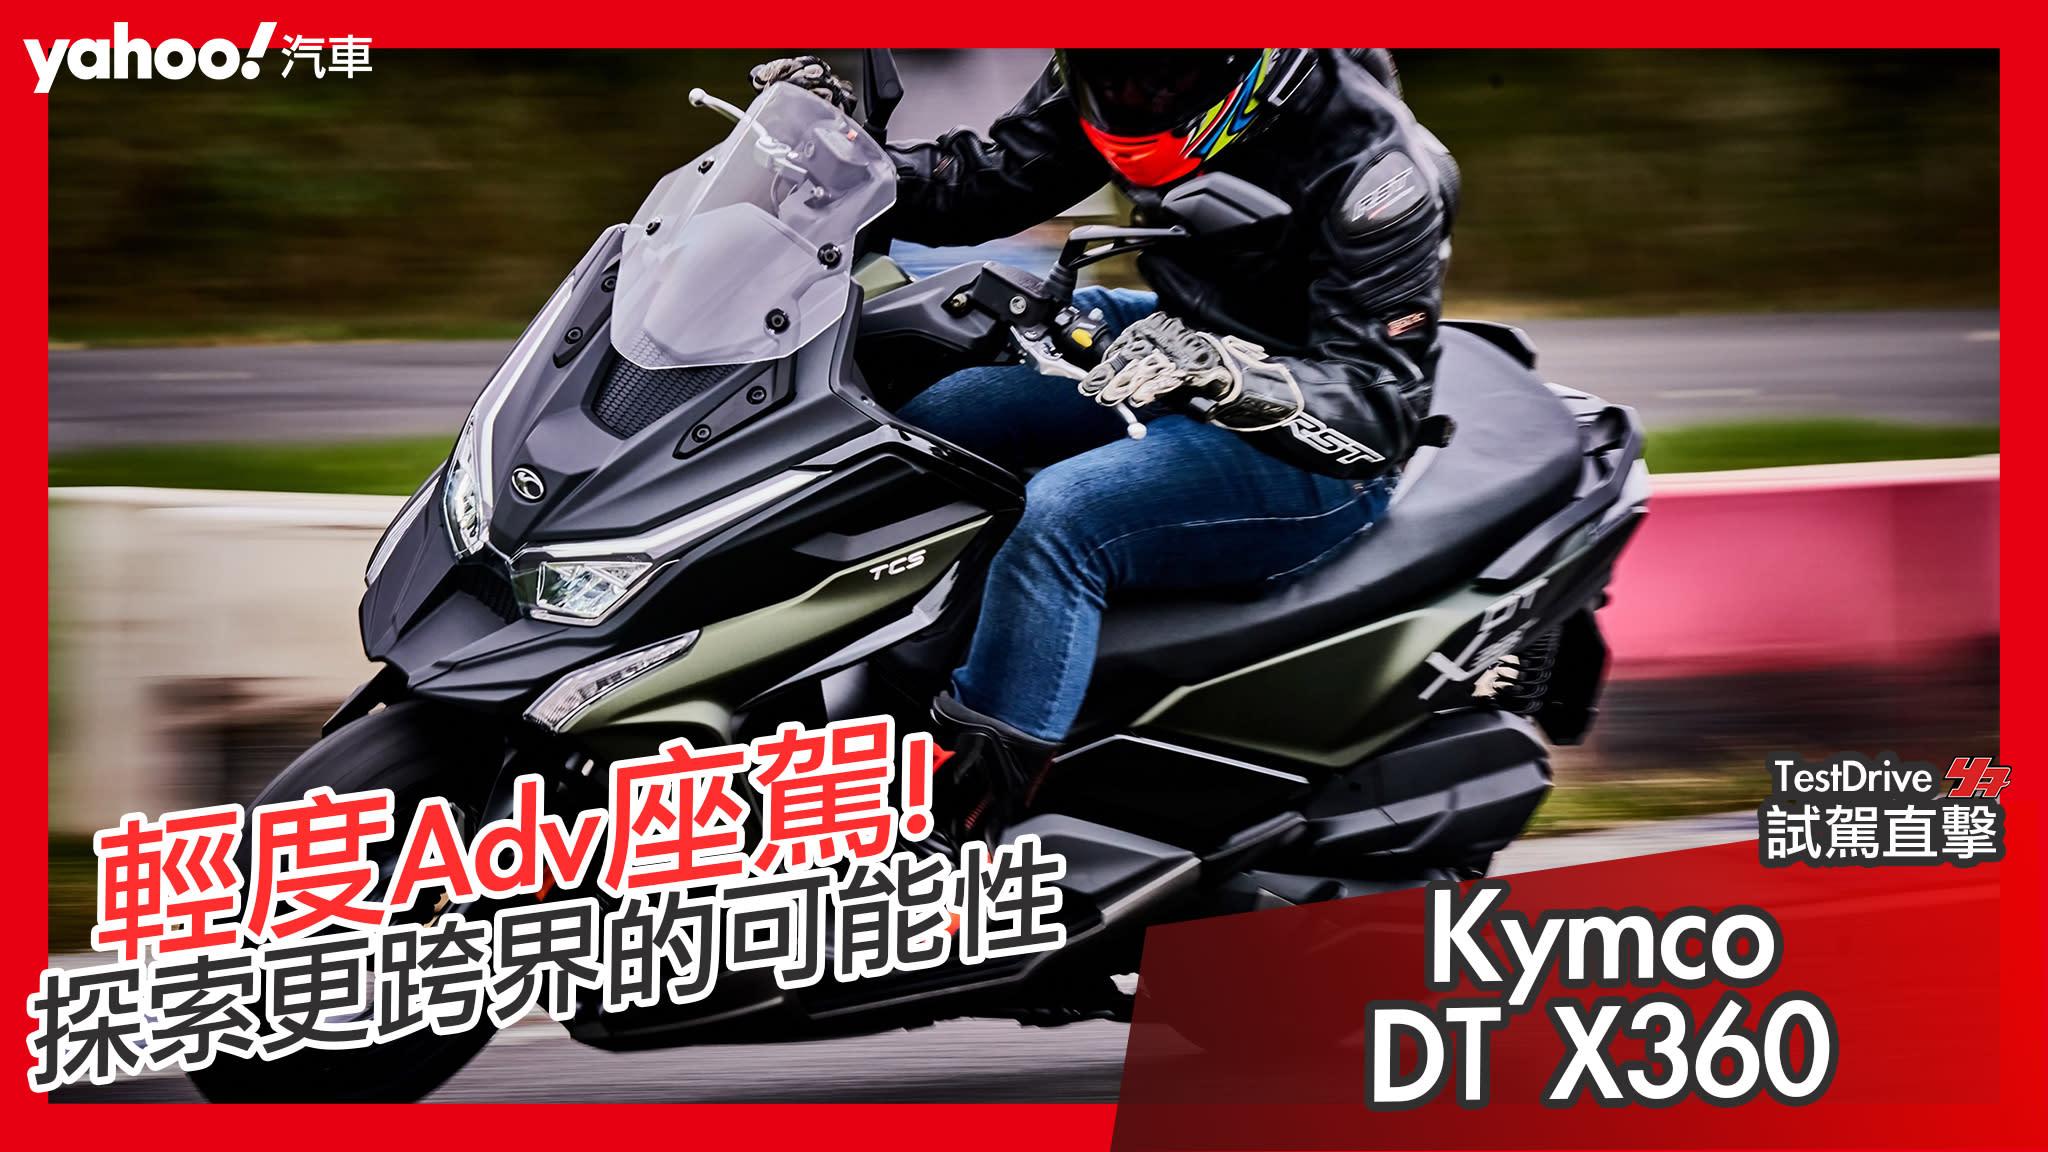 【試駕直擊】探索更跨界的可能性!Kymco全新DT X360賽道試駕體驗!